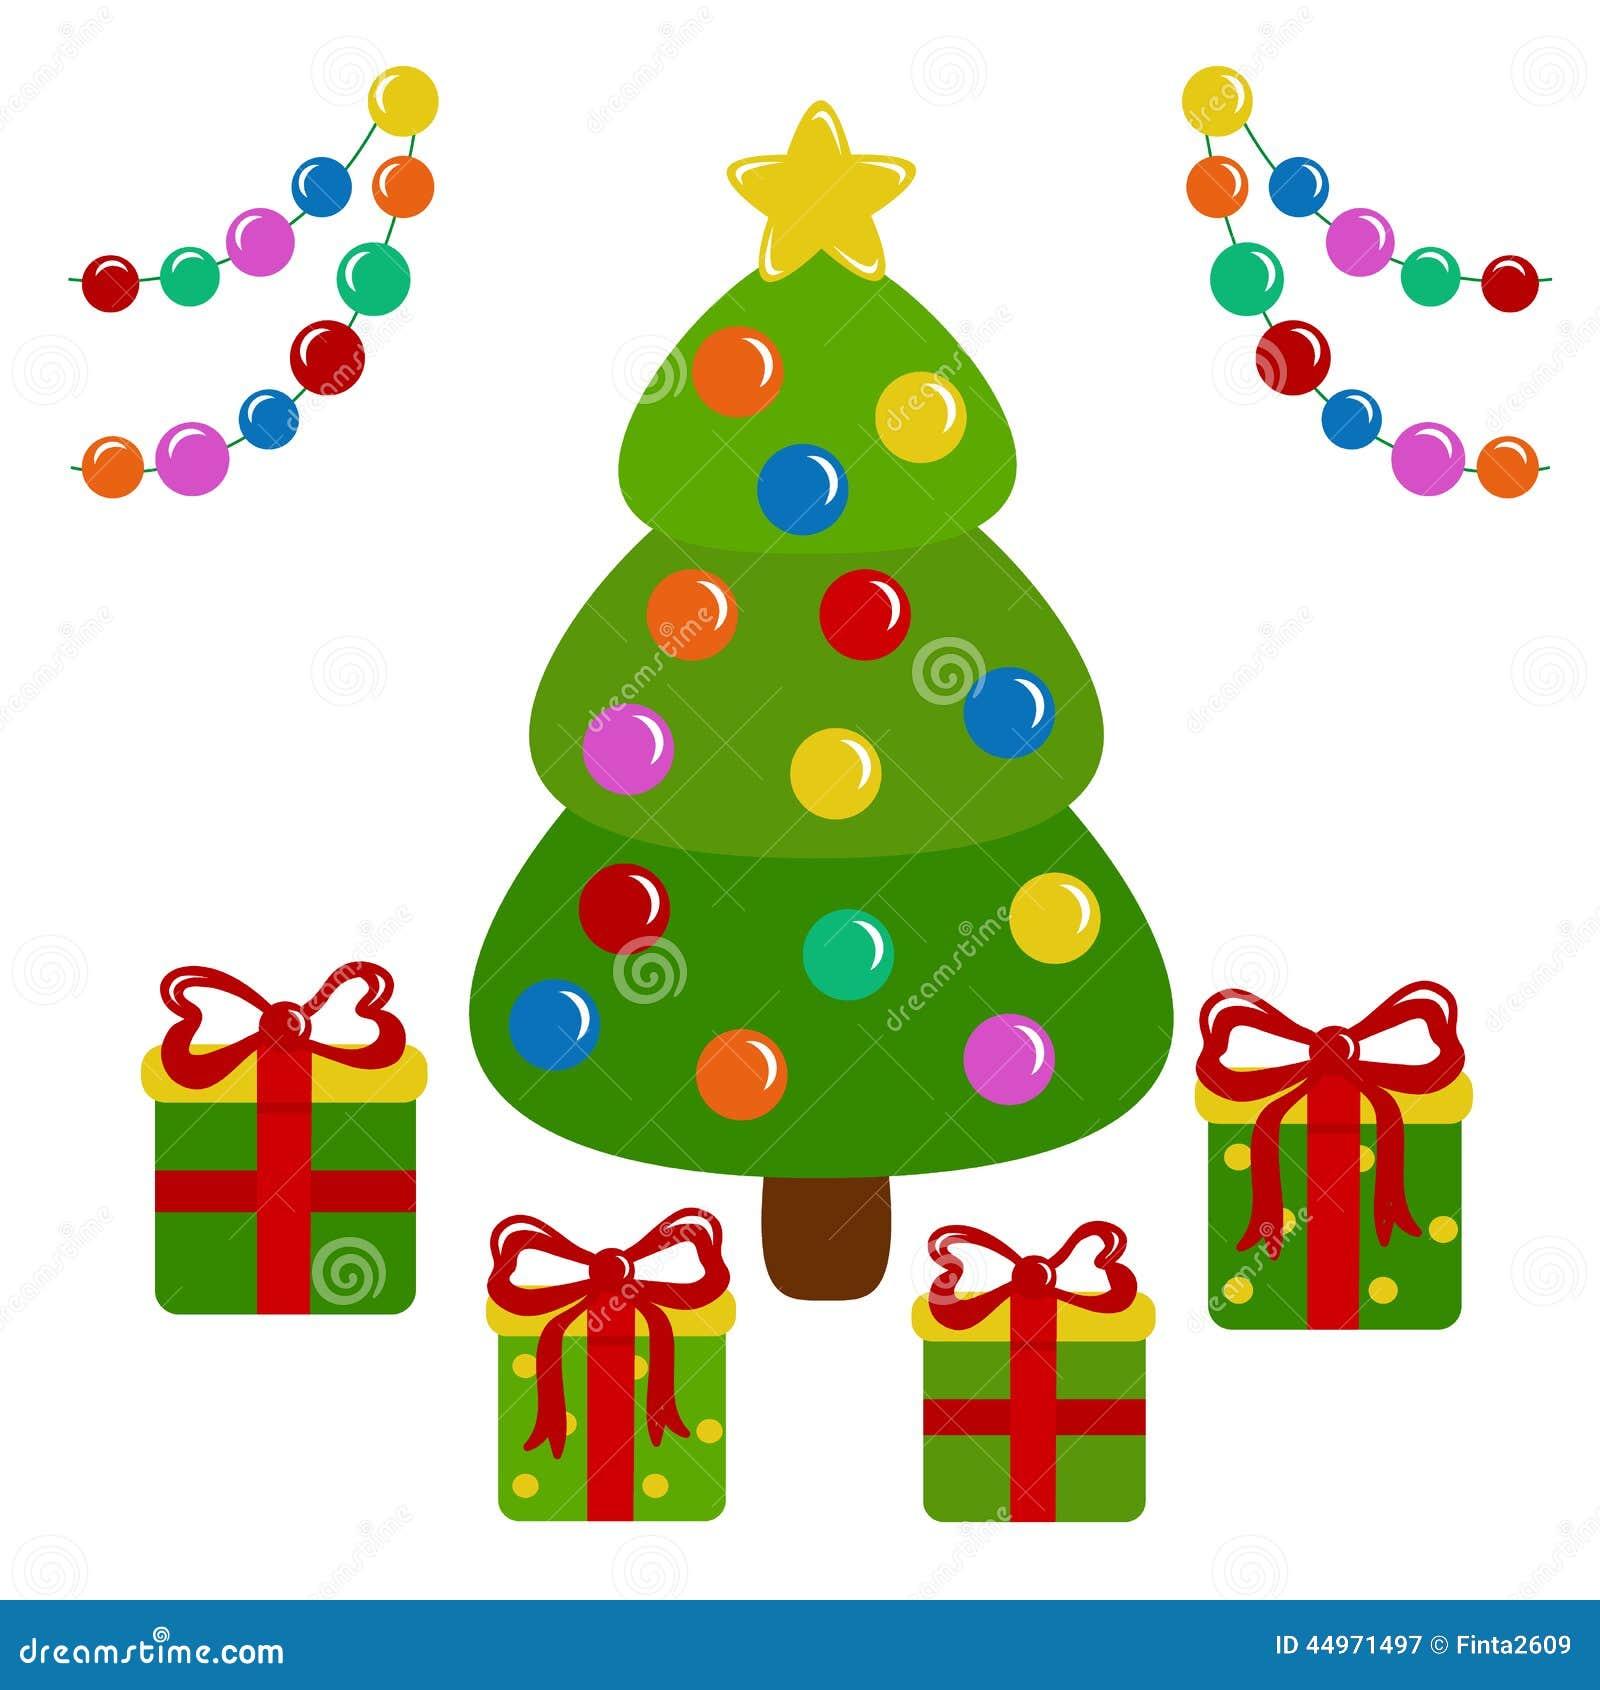 装饰的圣诞树和礼物-例证.图片